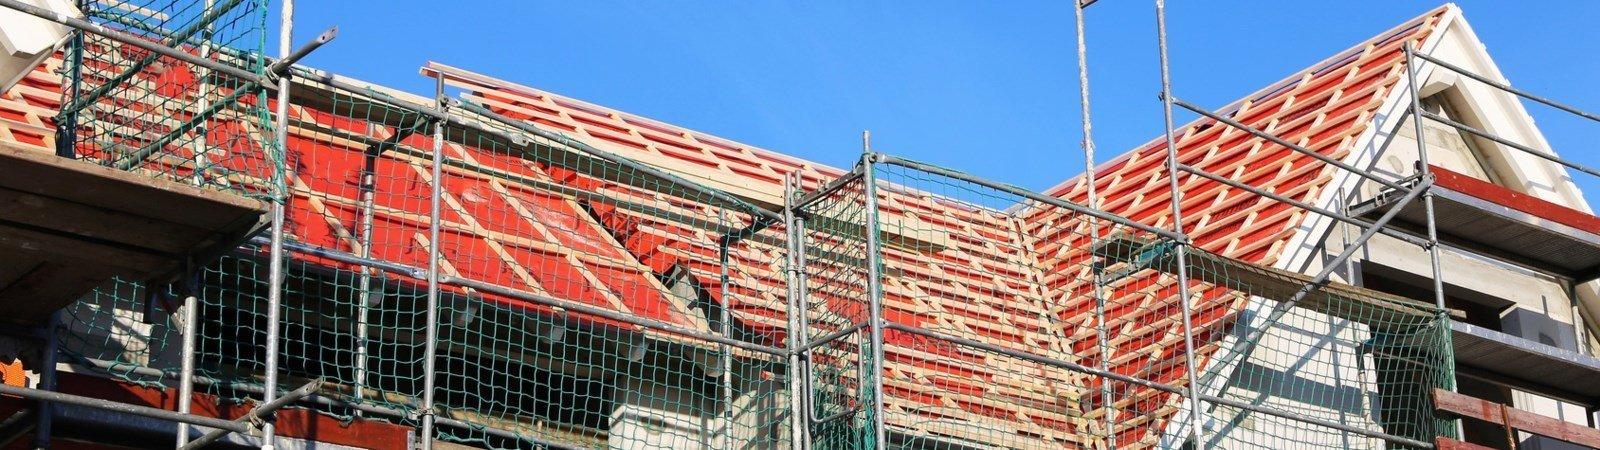 Dachsanierung: Förderung für Energieeffizienz vollständig ausnutzen